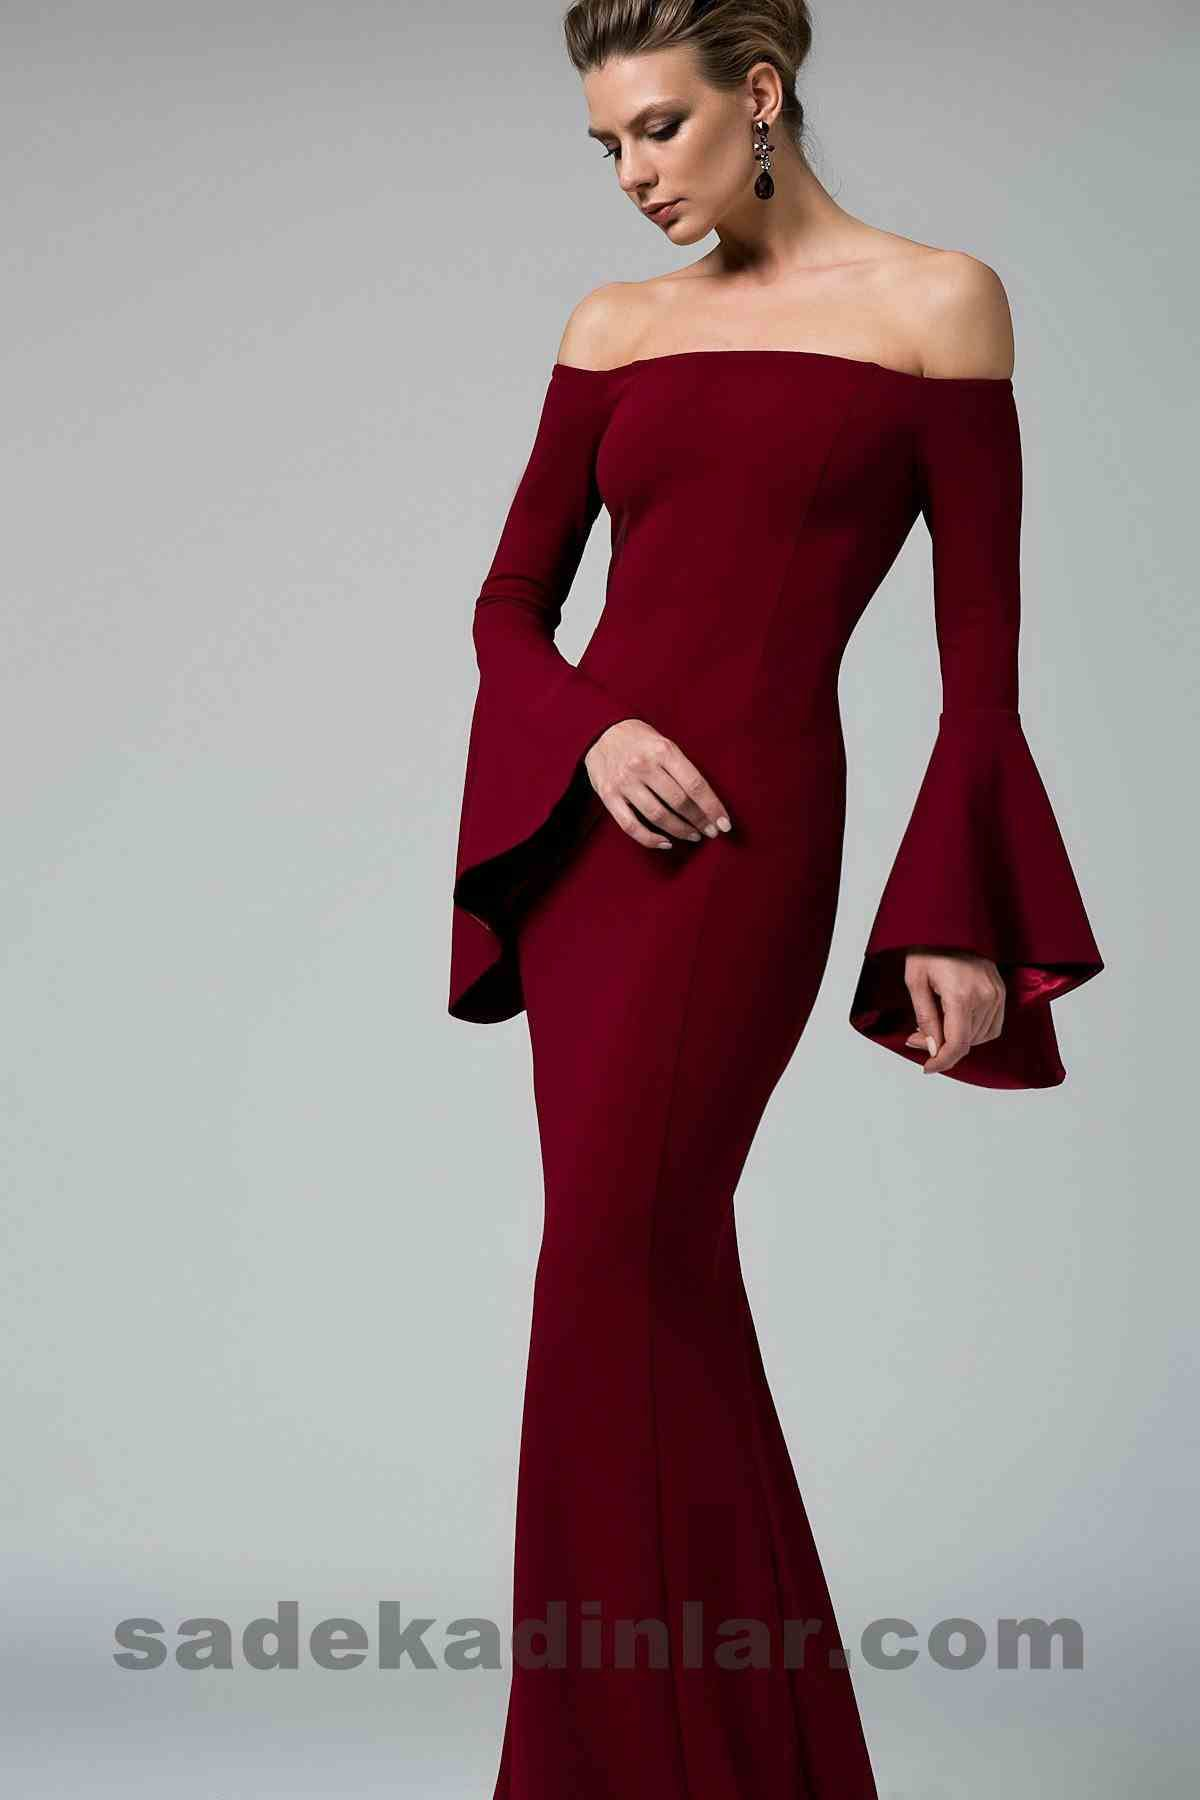 Pictures gece elbise modelleri 2013 uzun dekolteli gece elbise modeli -  Zel Gecelerinizin Vazge Ilmezi Gece Elbiseleri Ve Abiye Elbise Modelleri Abiyeler Zel G Nlerde Lt N Z Yans Tan Ve